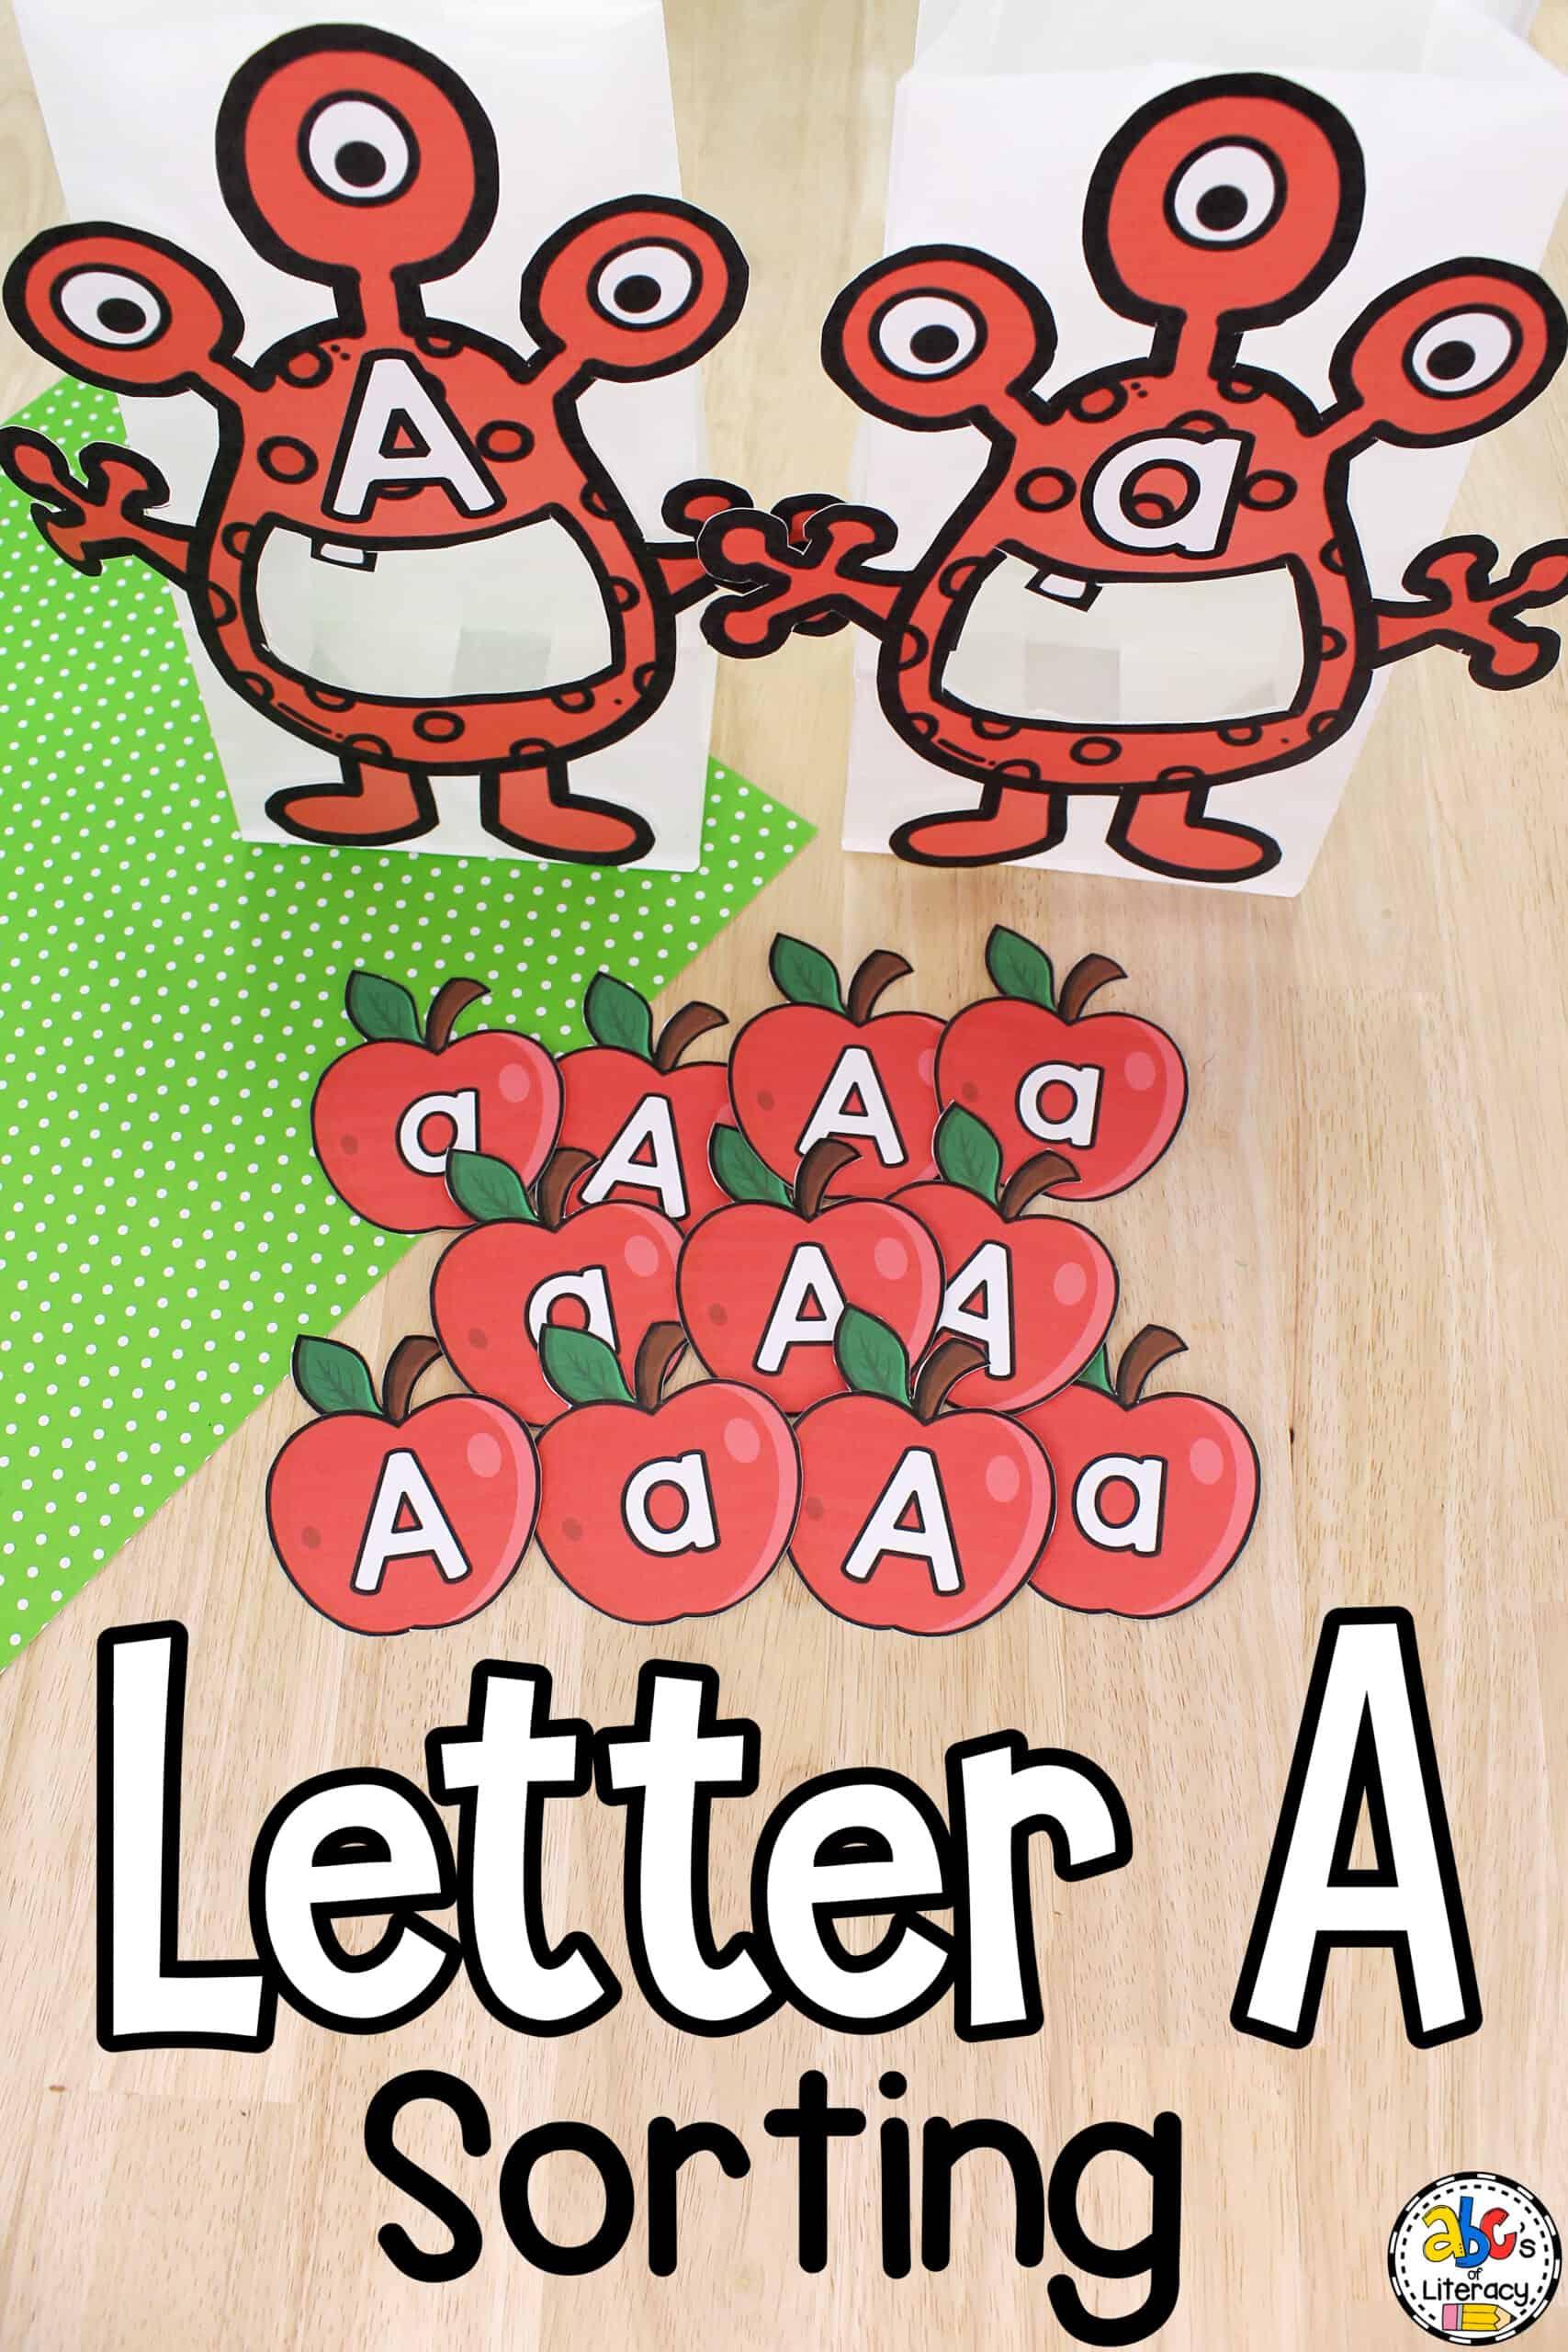 Letter A Sort